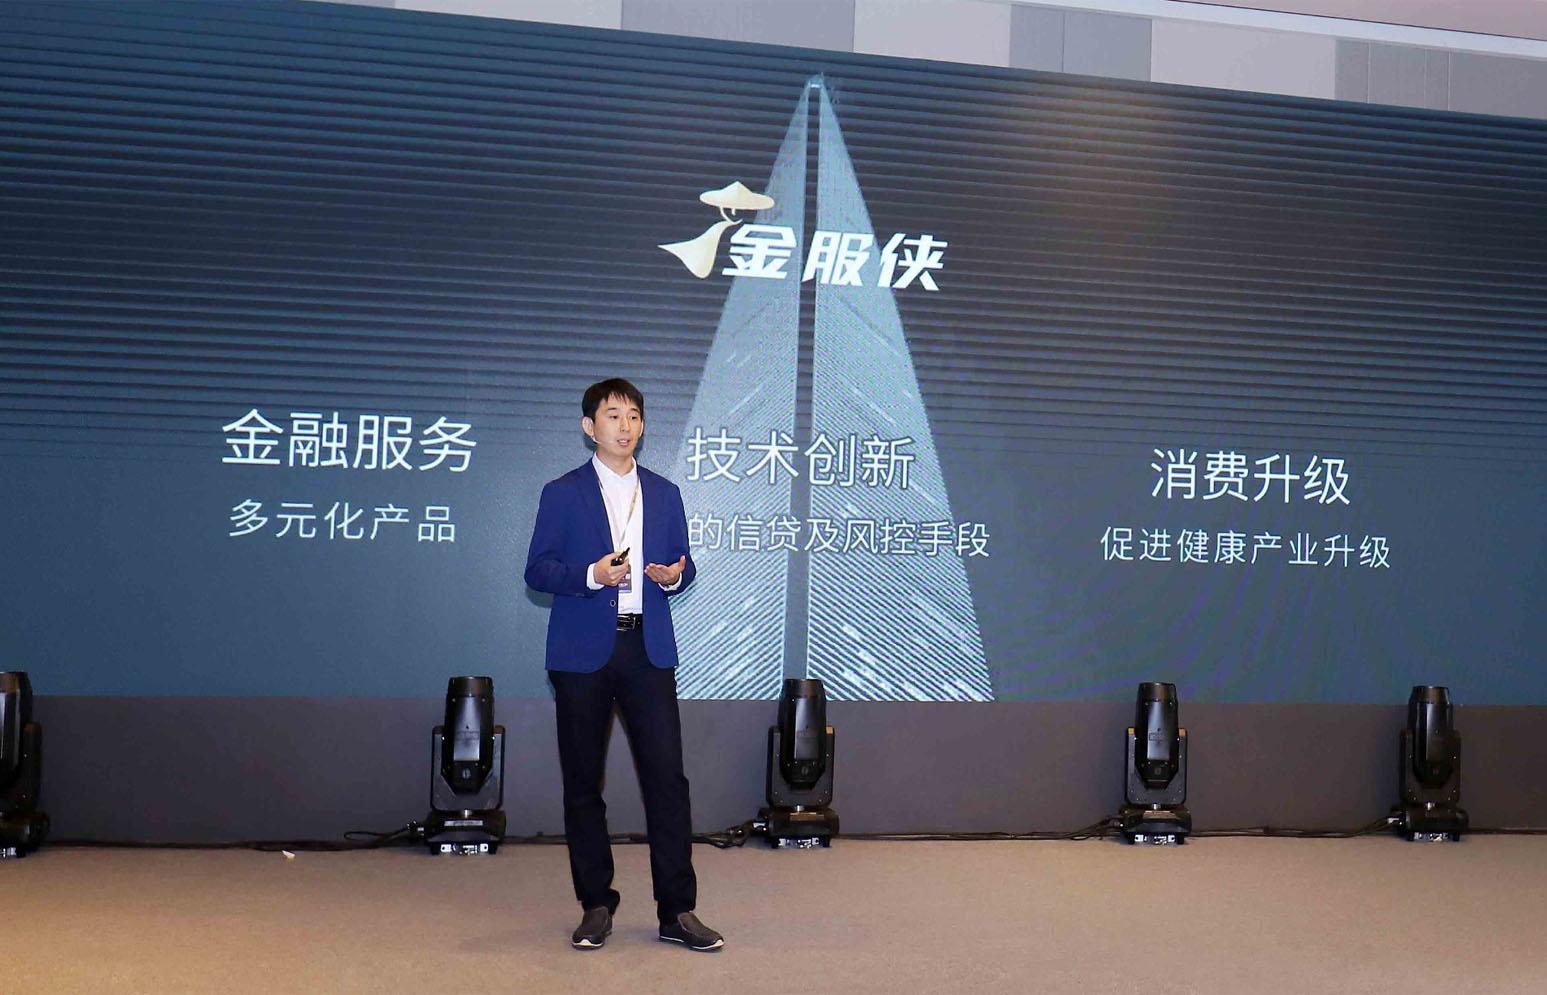 金服侠CEO刘明宇:口腔医疗服务领域具有上千亿的信贷规模